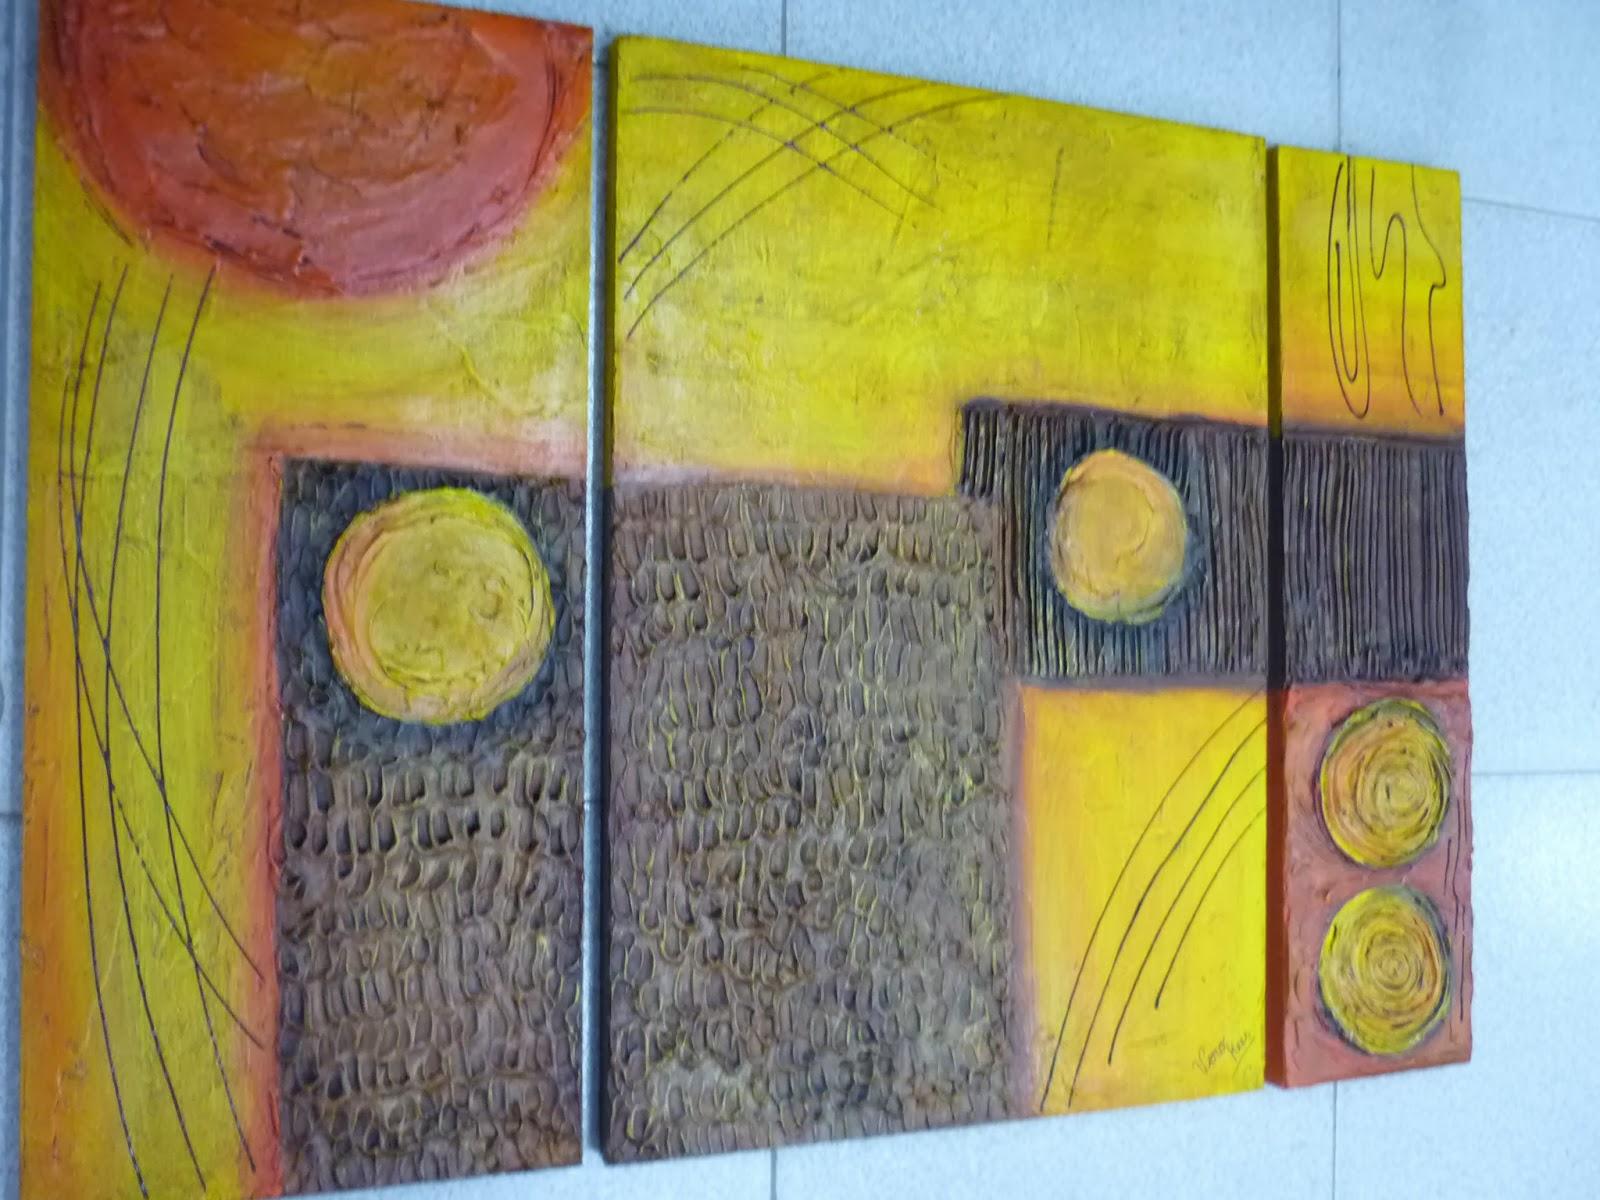 CREACIONES DE SILVIA: PAPEL MACHE Y TEXTURAS